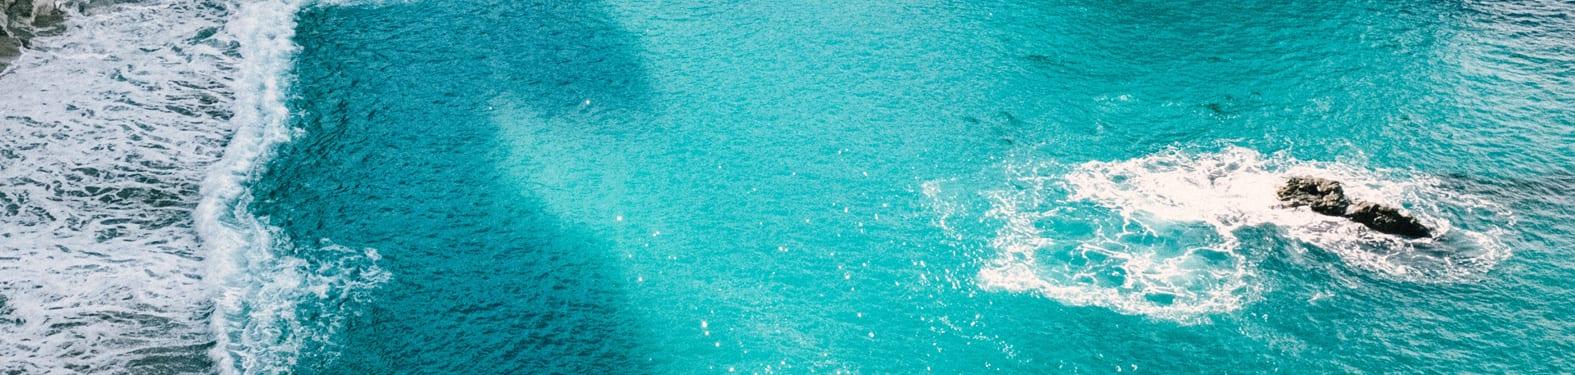 KAANAPALI OCEAN ADVENTURES